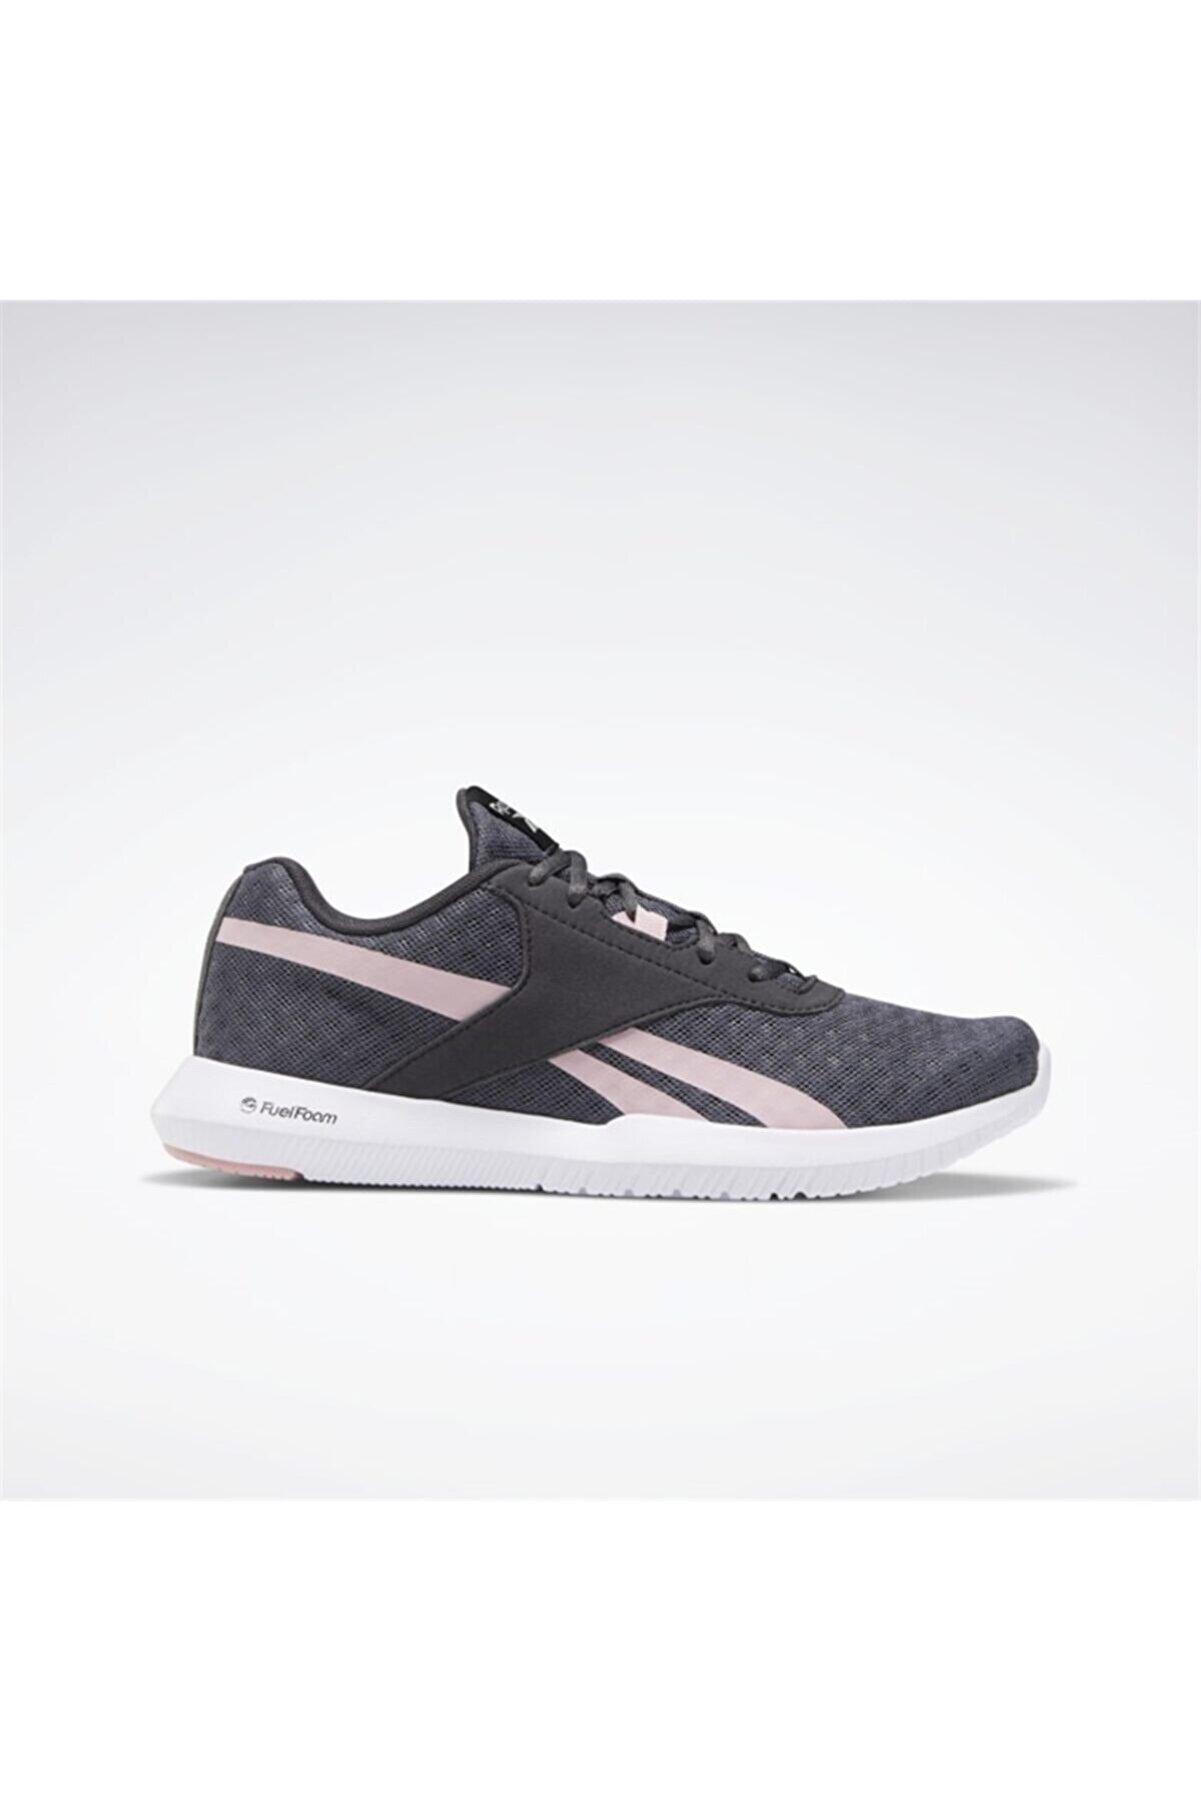 Reebok Reago Essential Kadın Spor Ayakkabısı